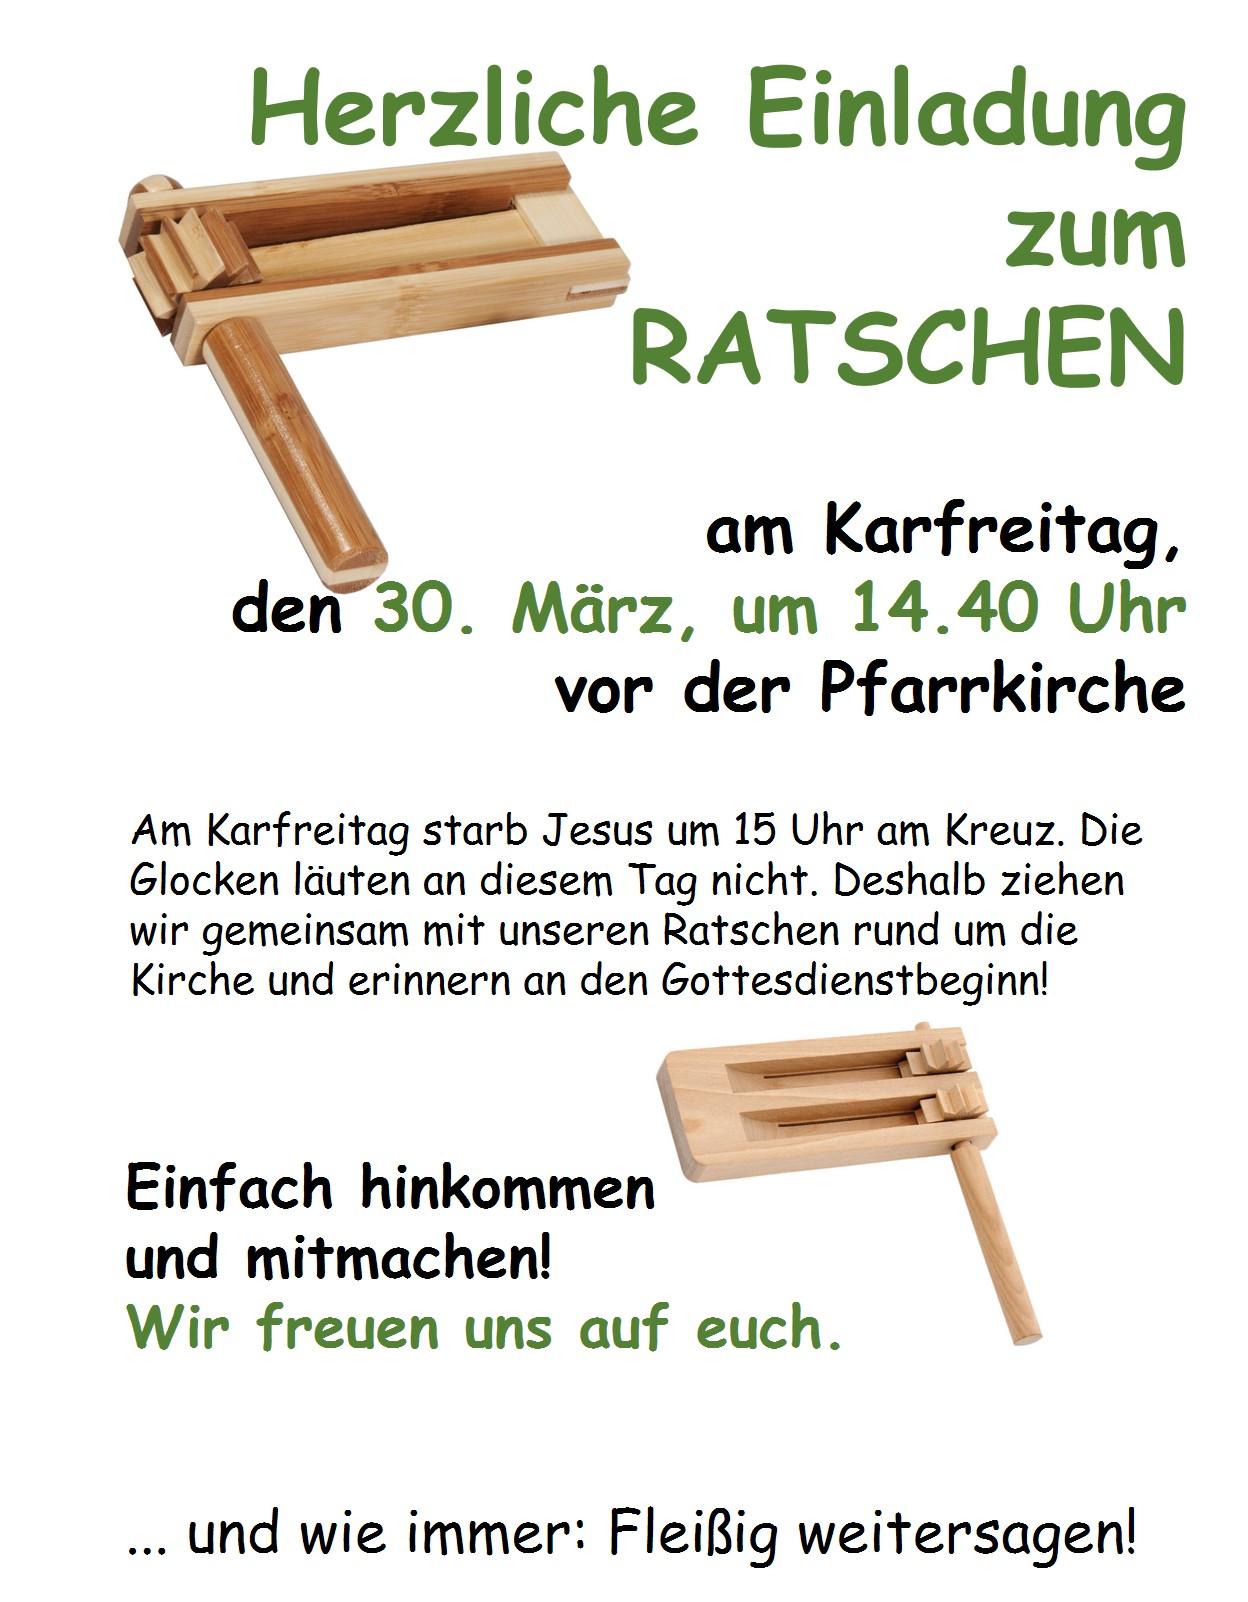 Jesus Karte Ziehen.Ratschen Am Karfreitag Katholische Kirche Vorarlberg